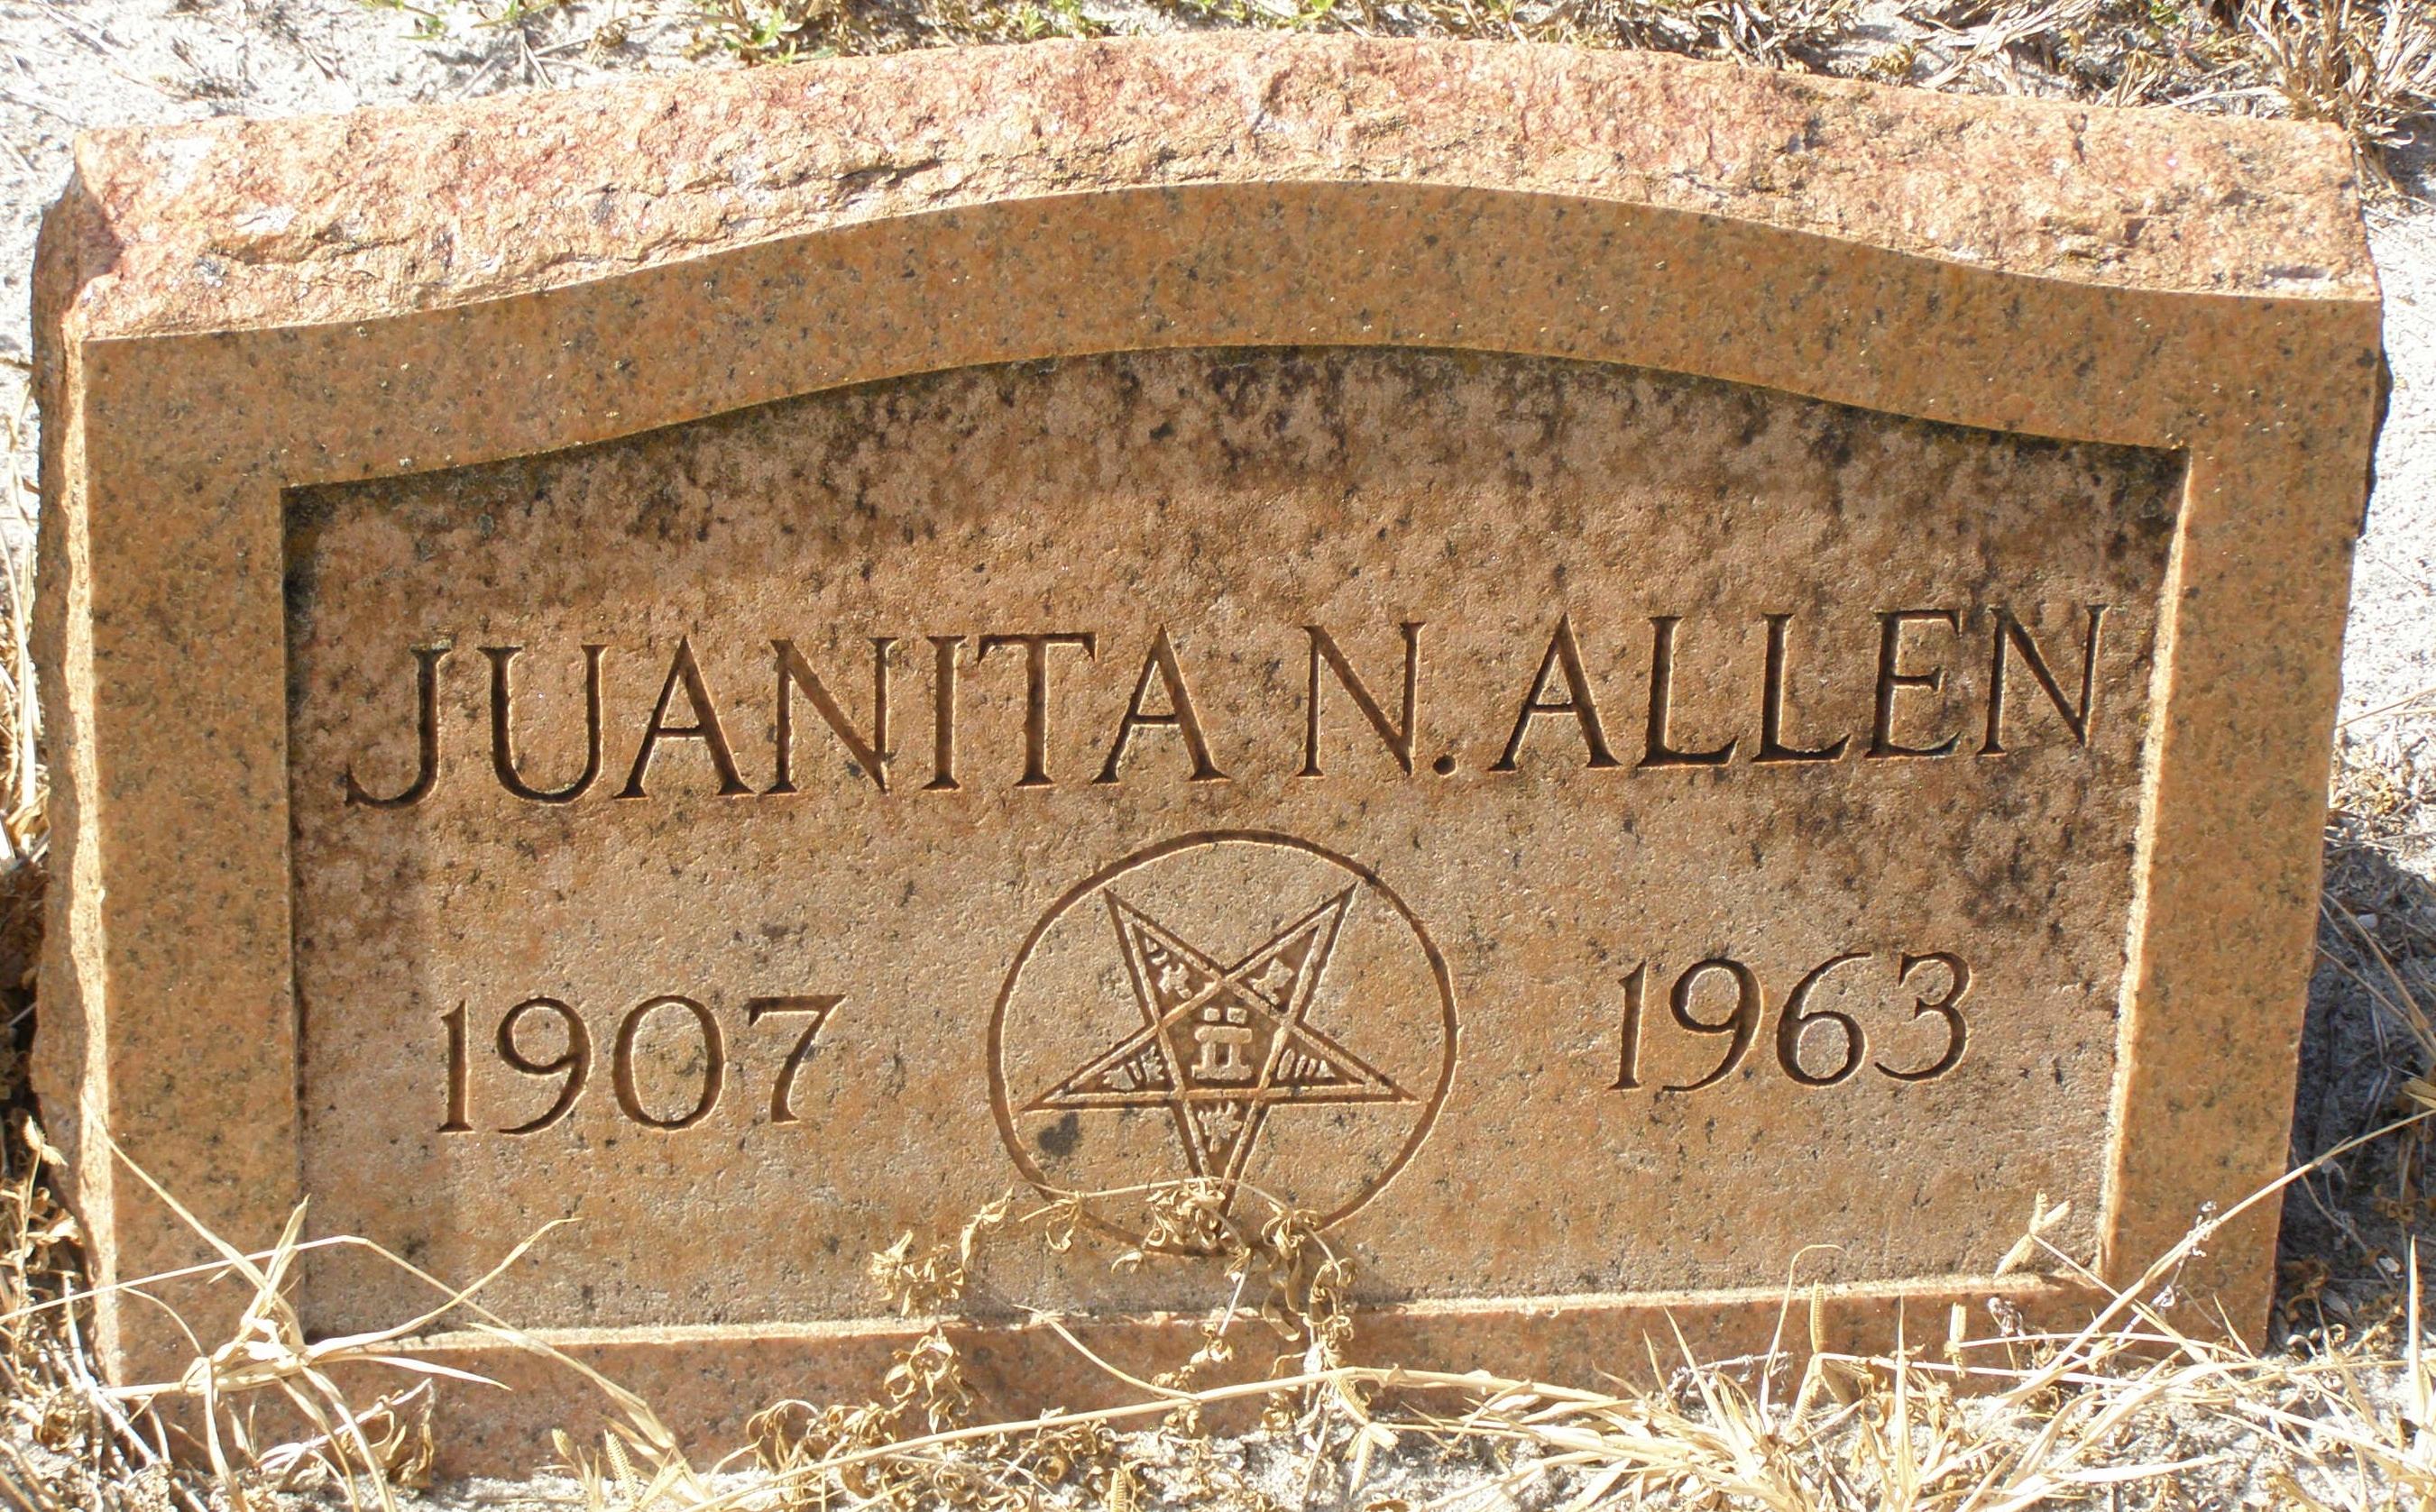 Juanita N. Allen